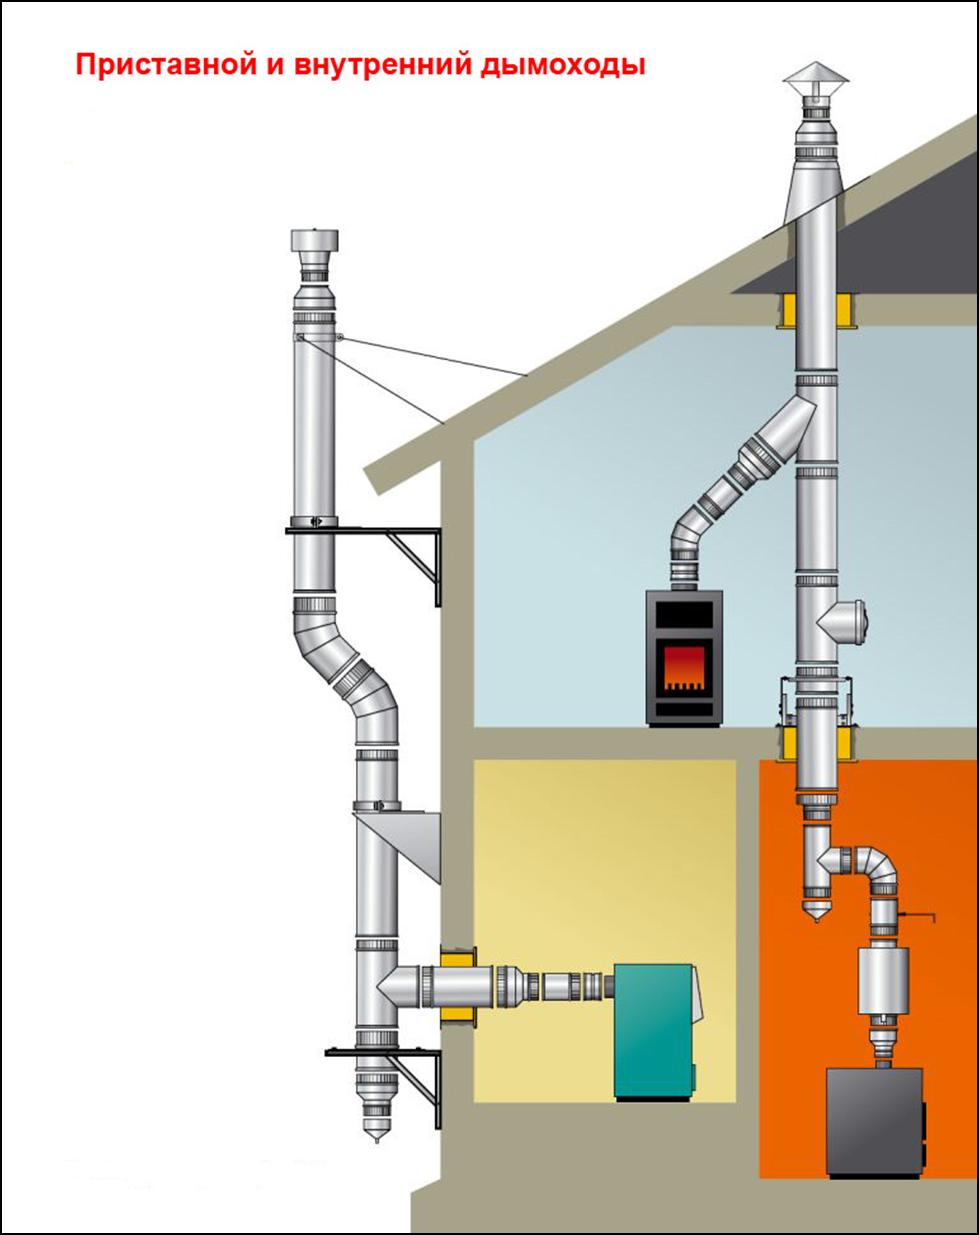 Газовое отопление в частном доме устройство дымохода газовая колонка от баллона без дымохода